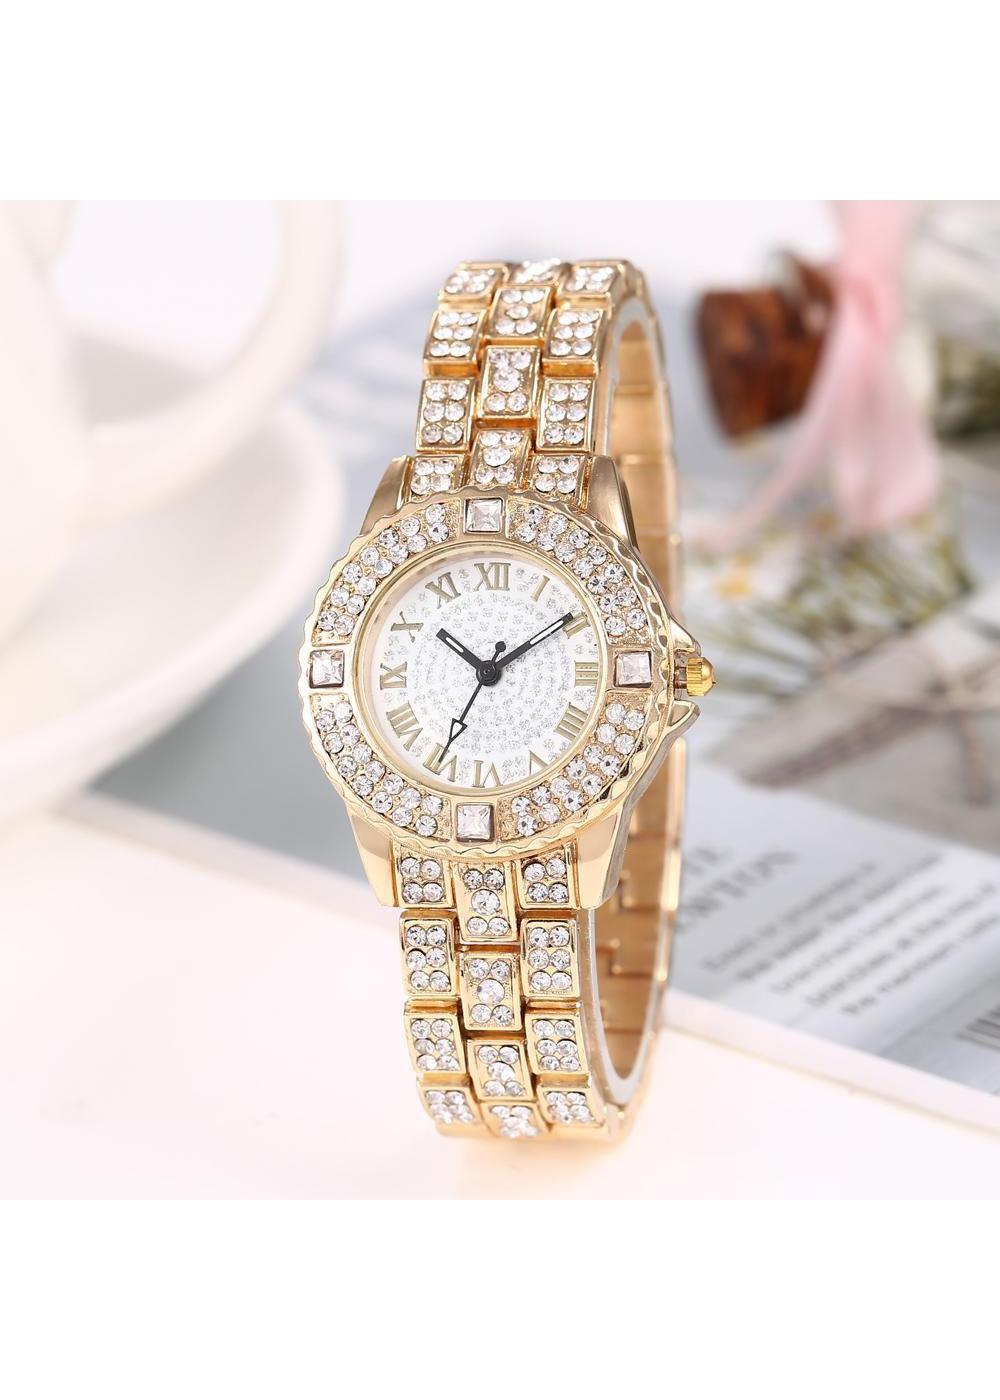 Đồng hồ thời trang nữ mặt và dây hợp kim đính đá quý cô sành điệu ZO48